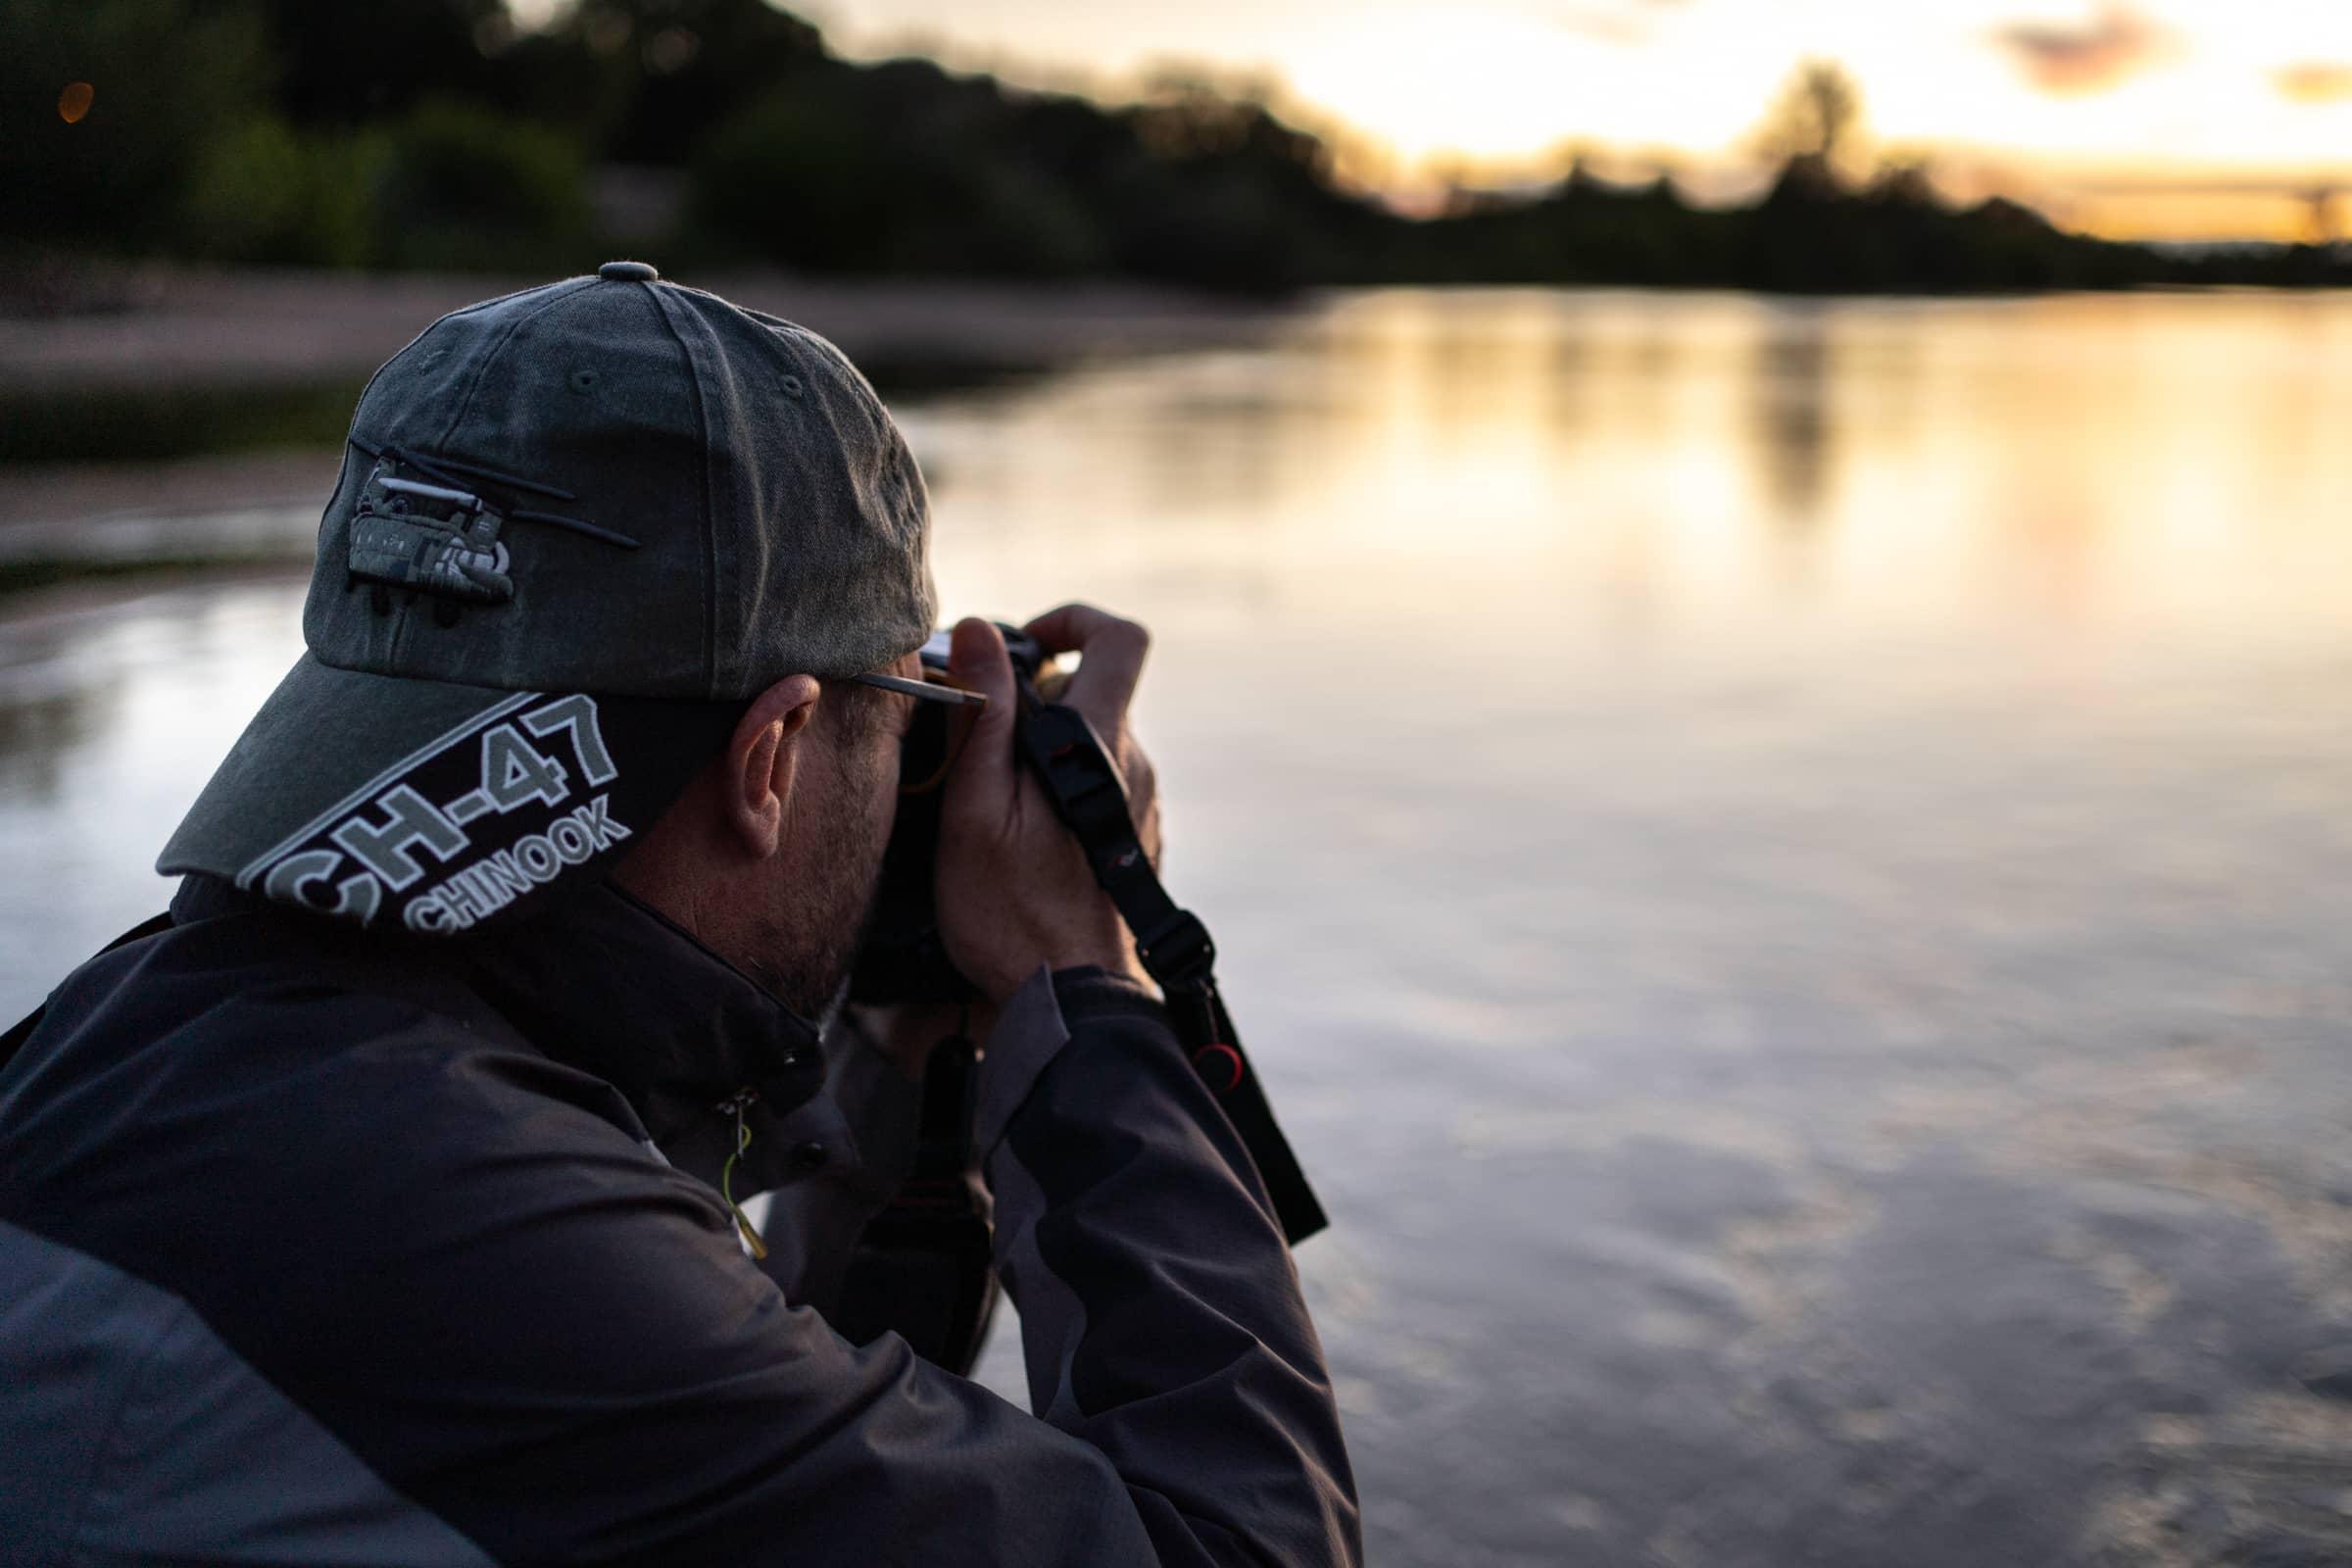 christelle saffroy photographe apprendre la photographie loiret 45 region centre